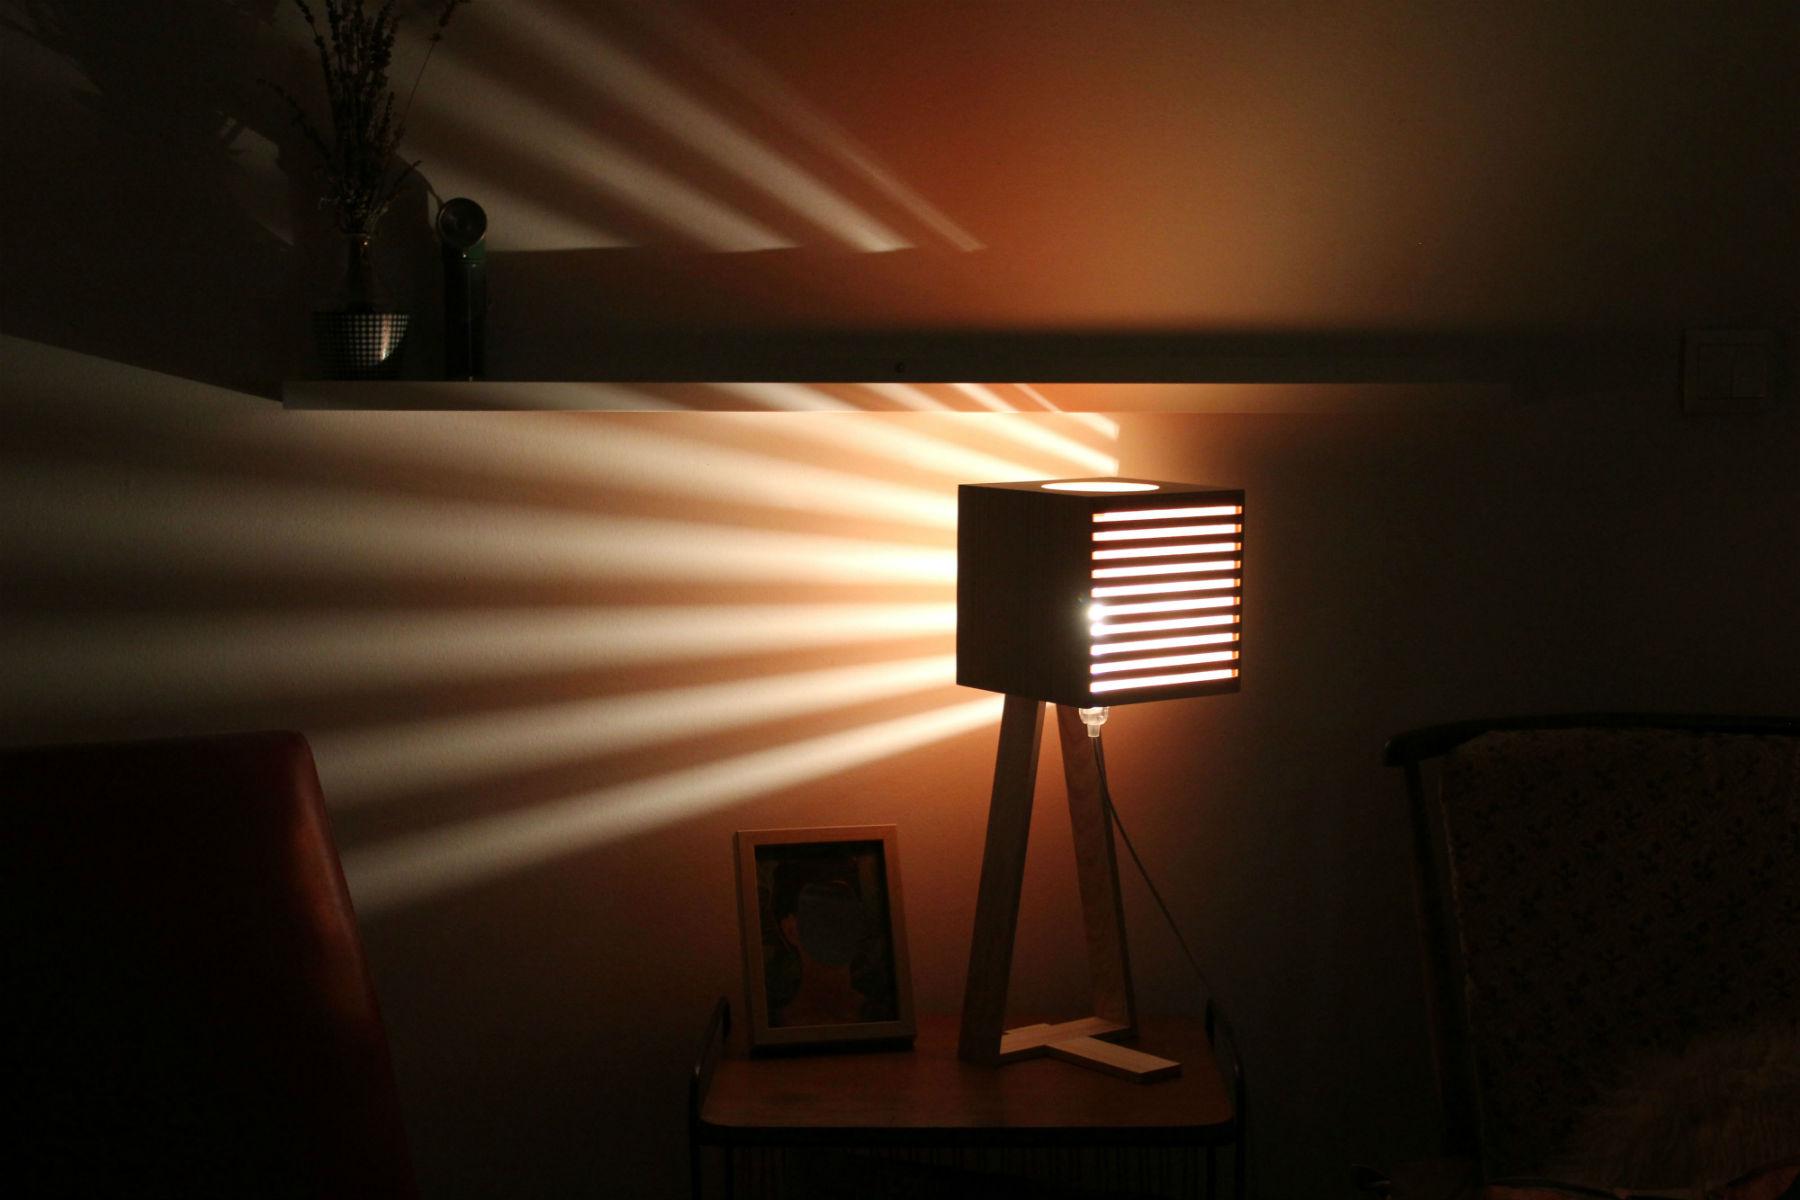 Lampes-BEC-Hurlu-Design-08